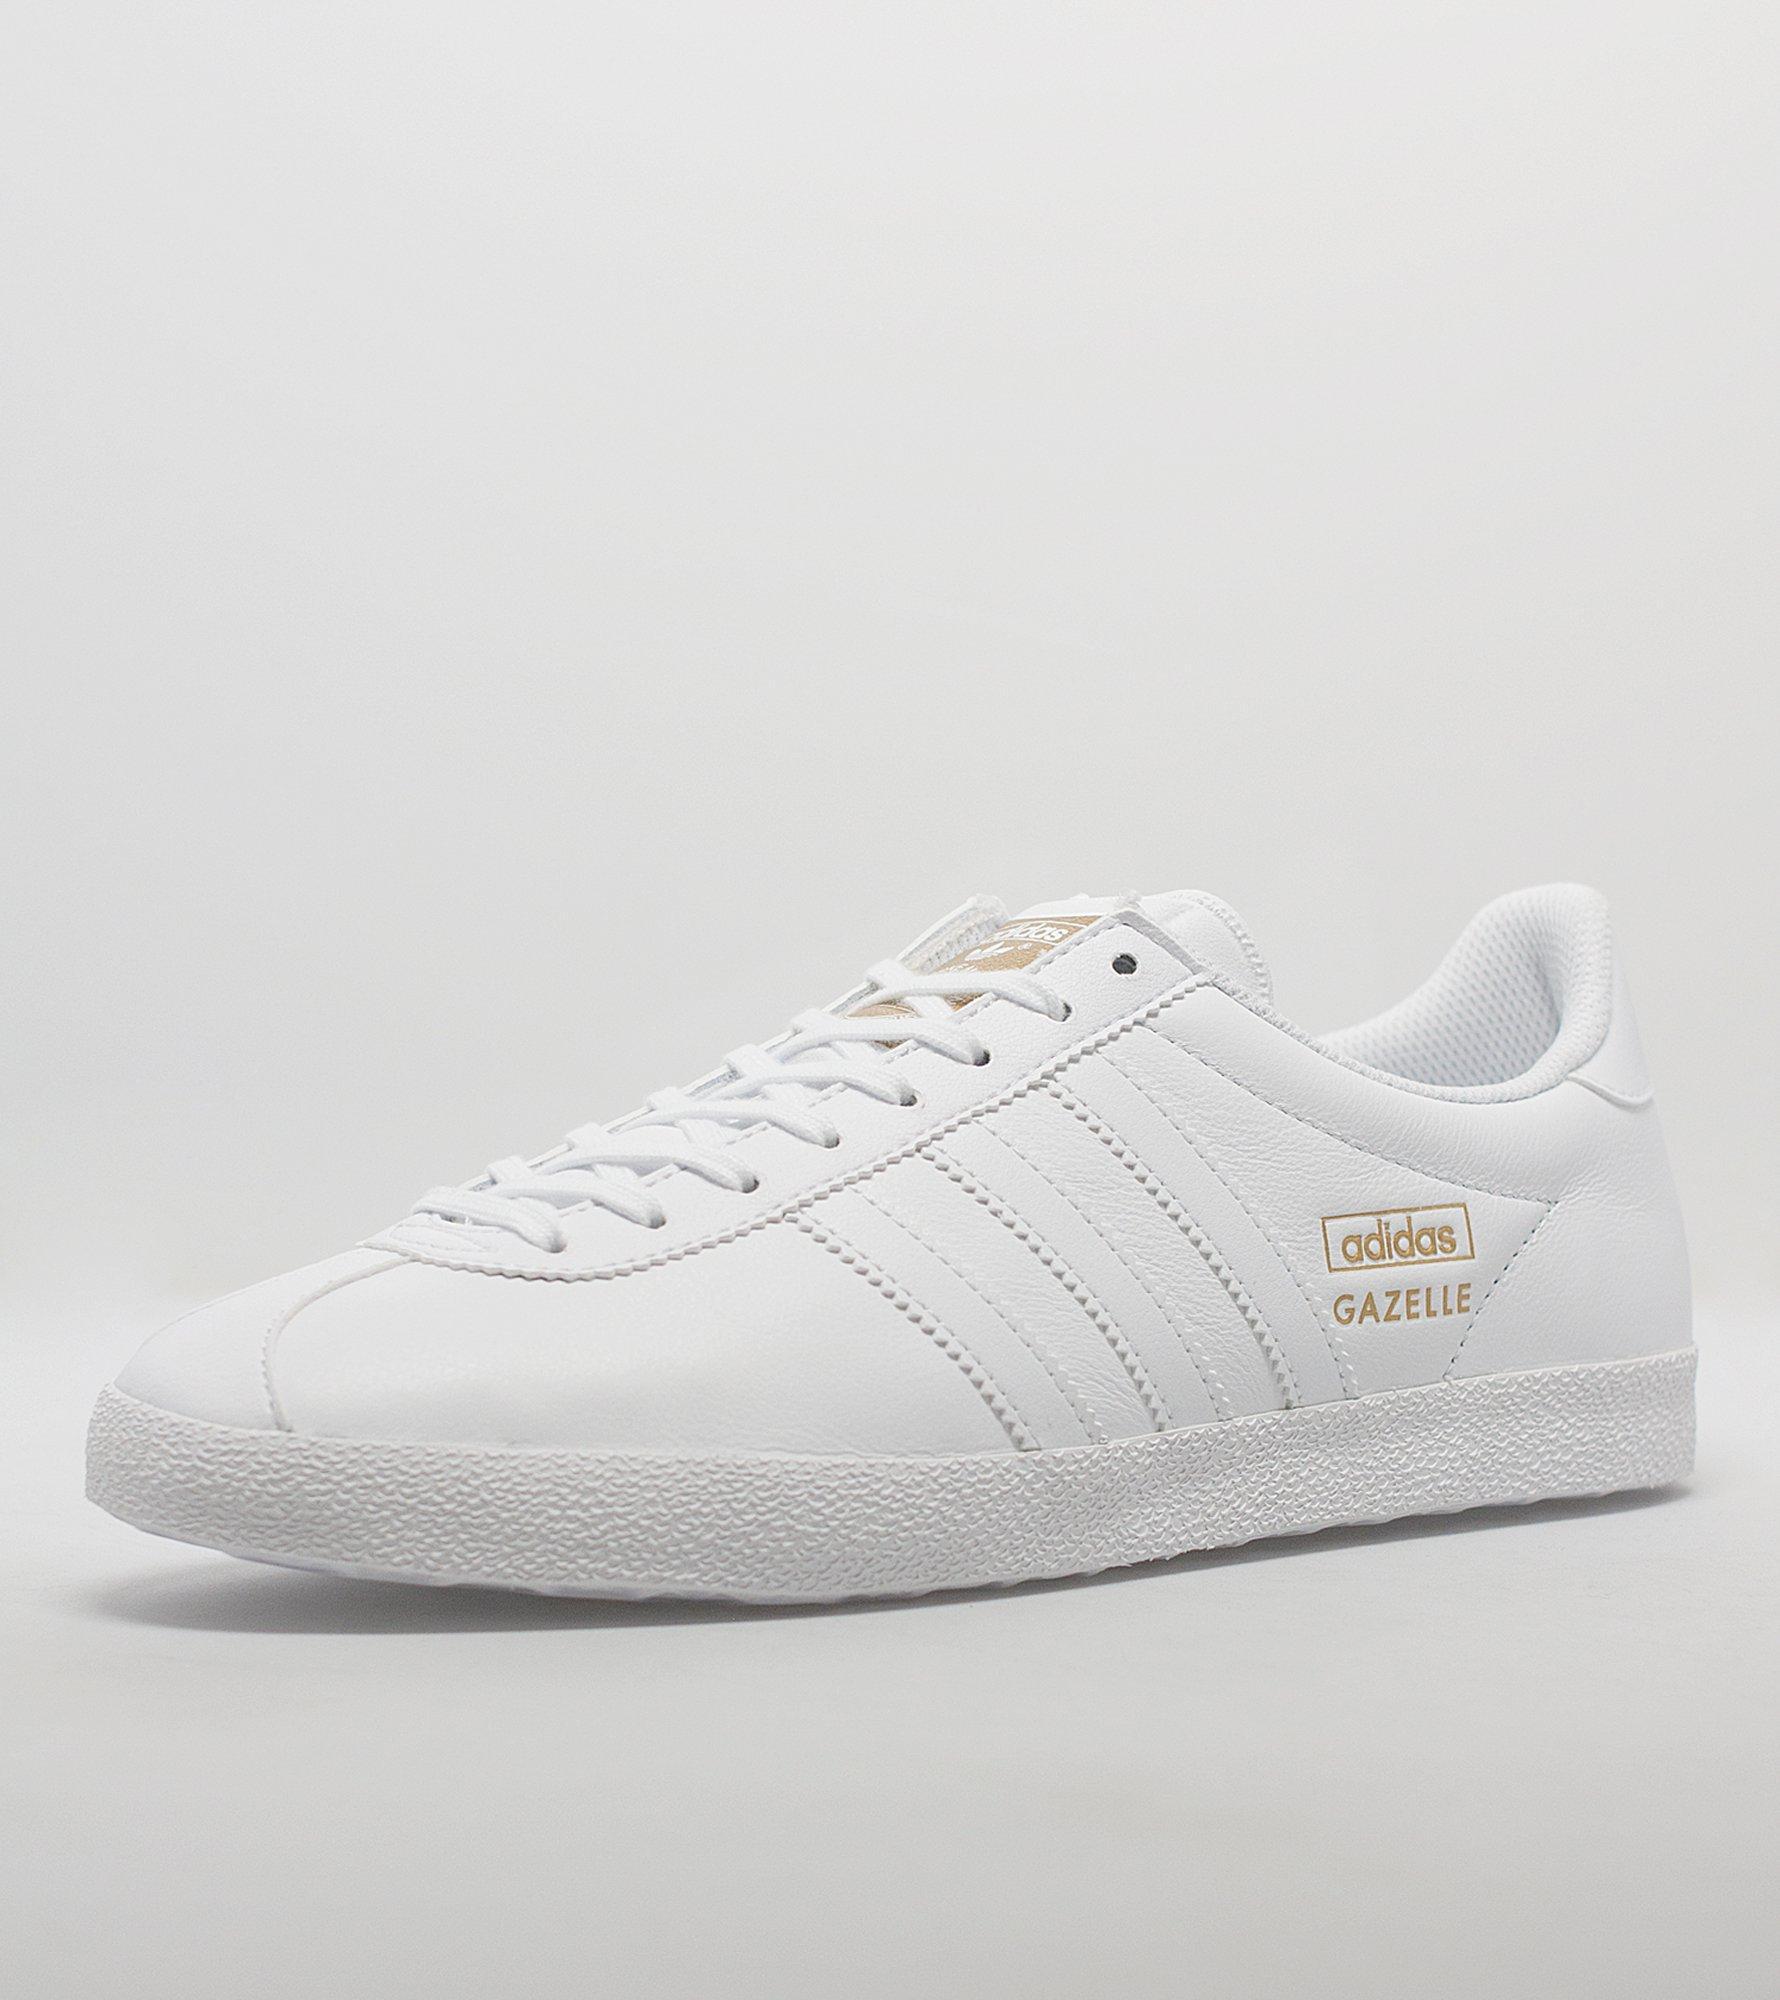 Adidas Originals Gazelle Og Leather Black/Gold